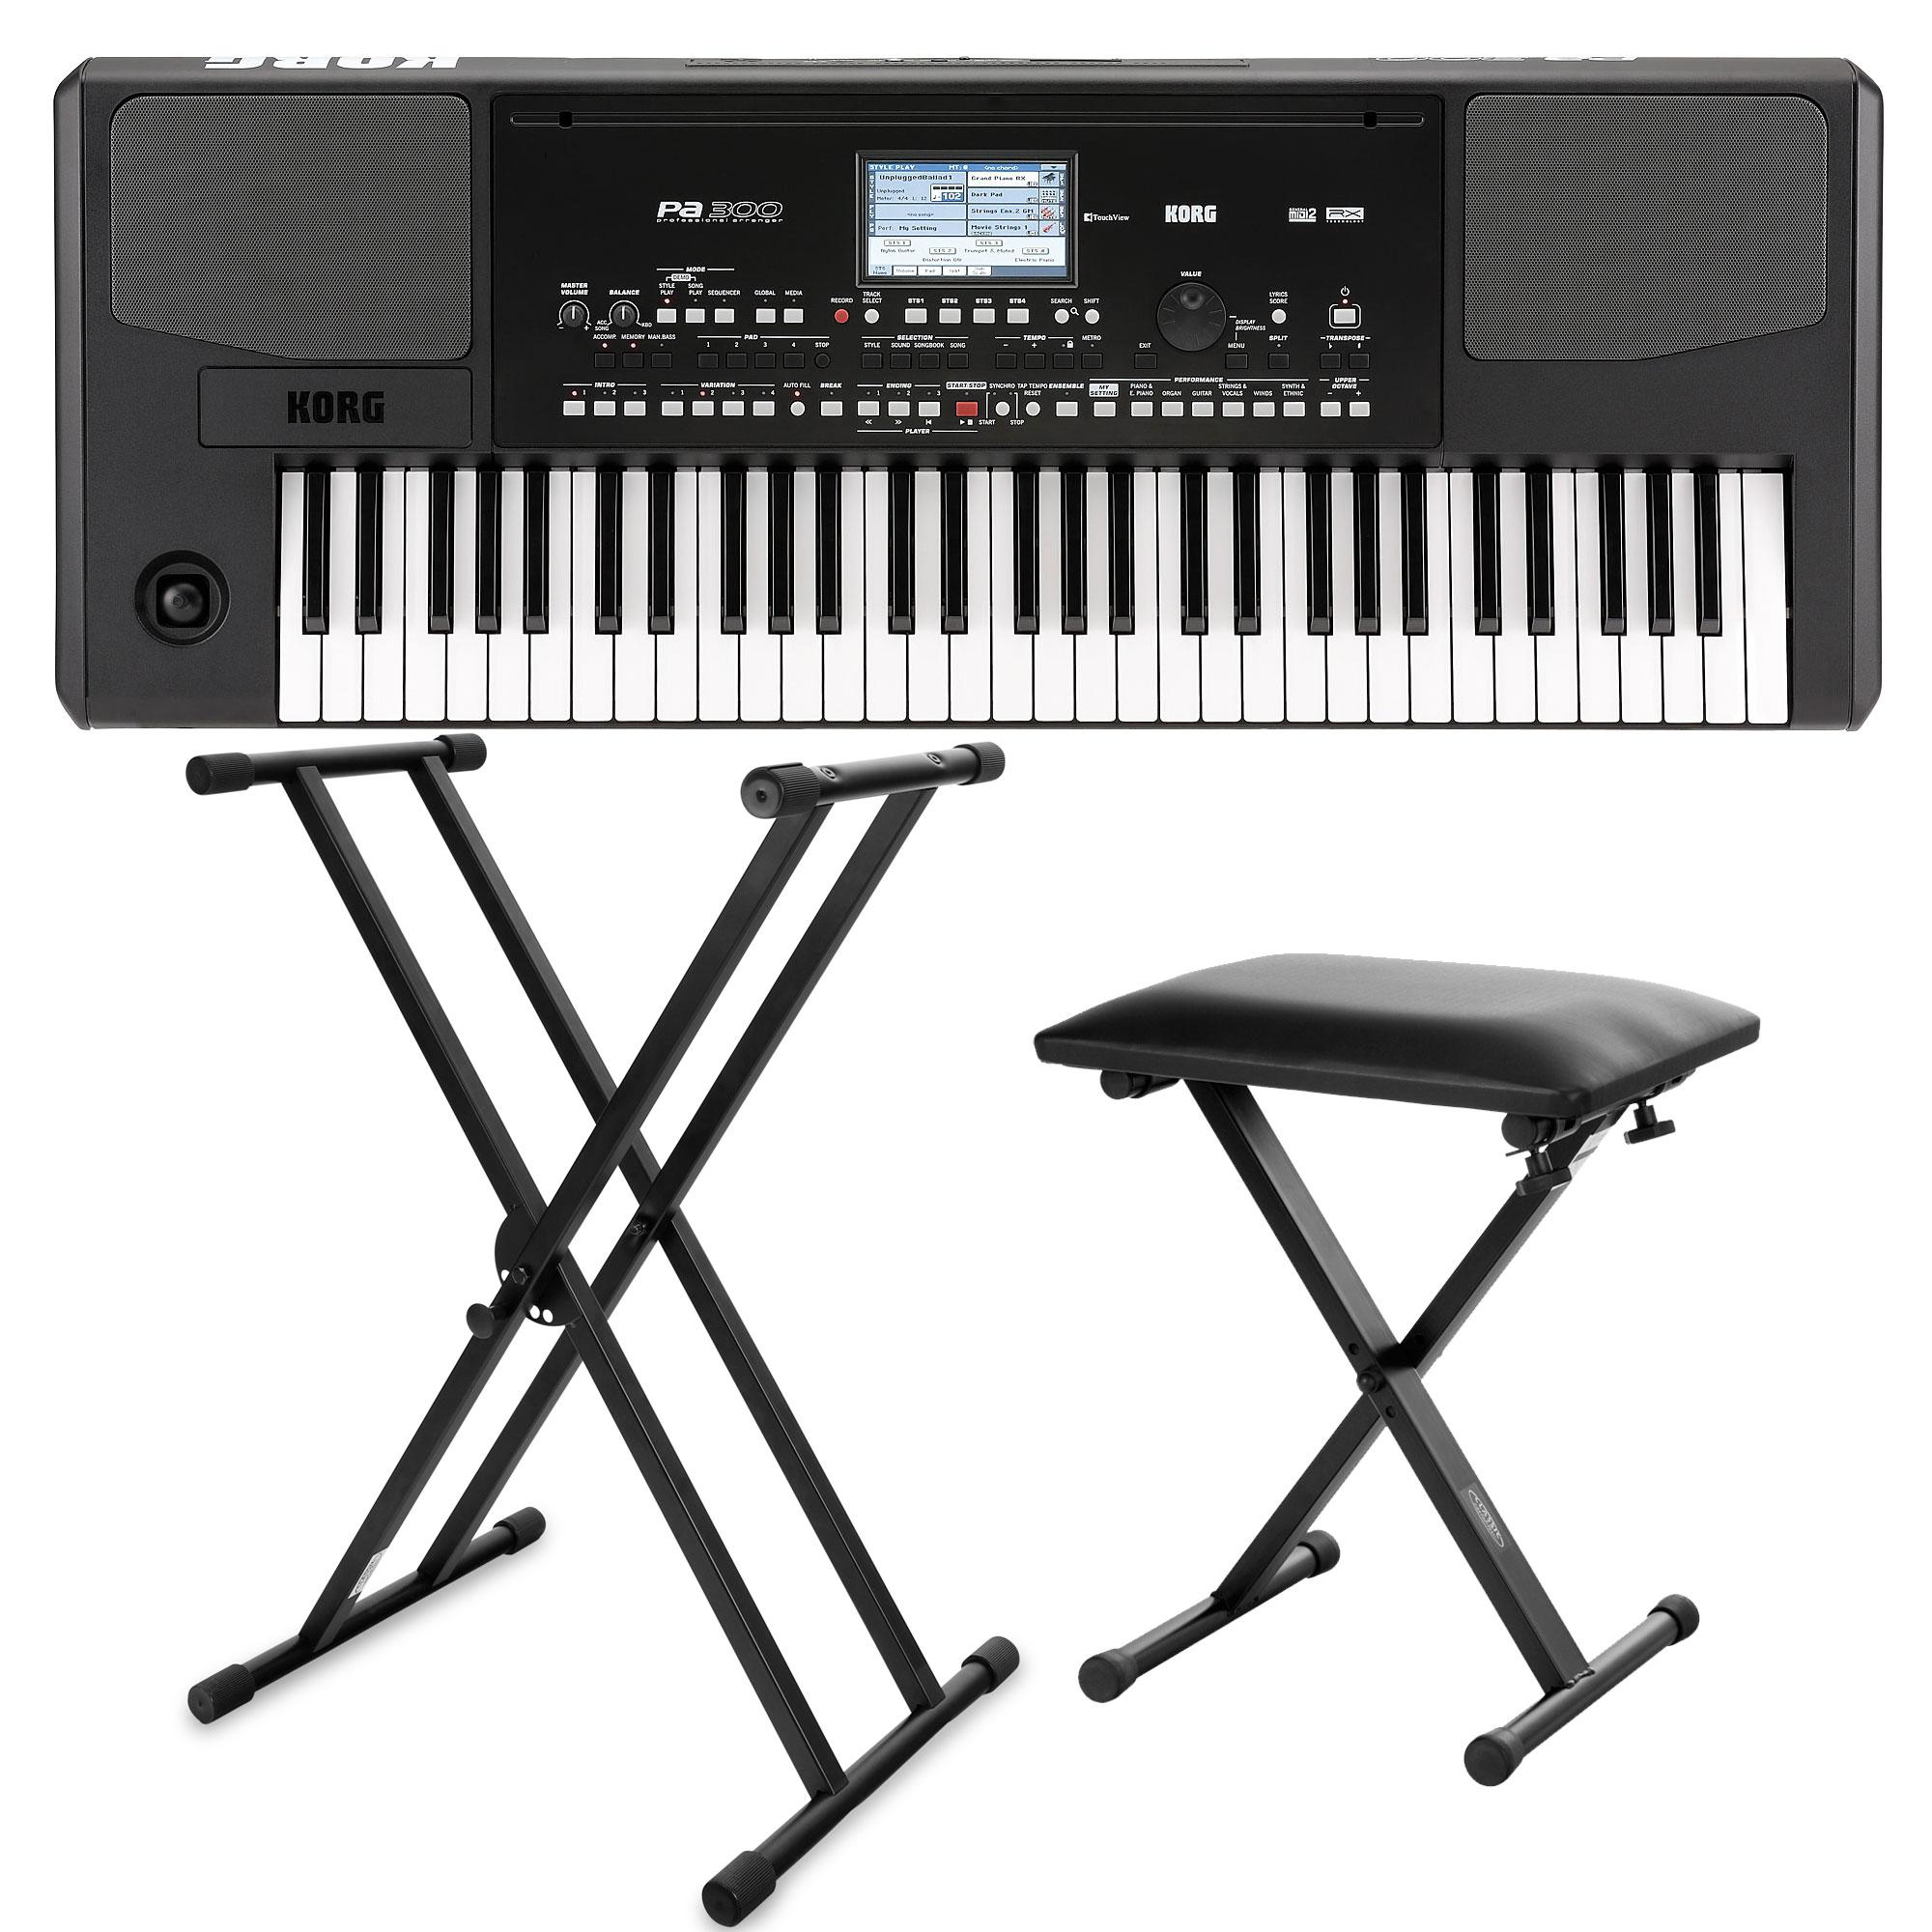 Korg PA-300 Keyboard SET